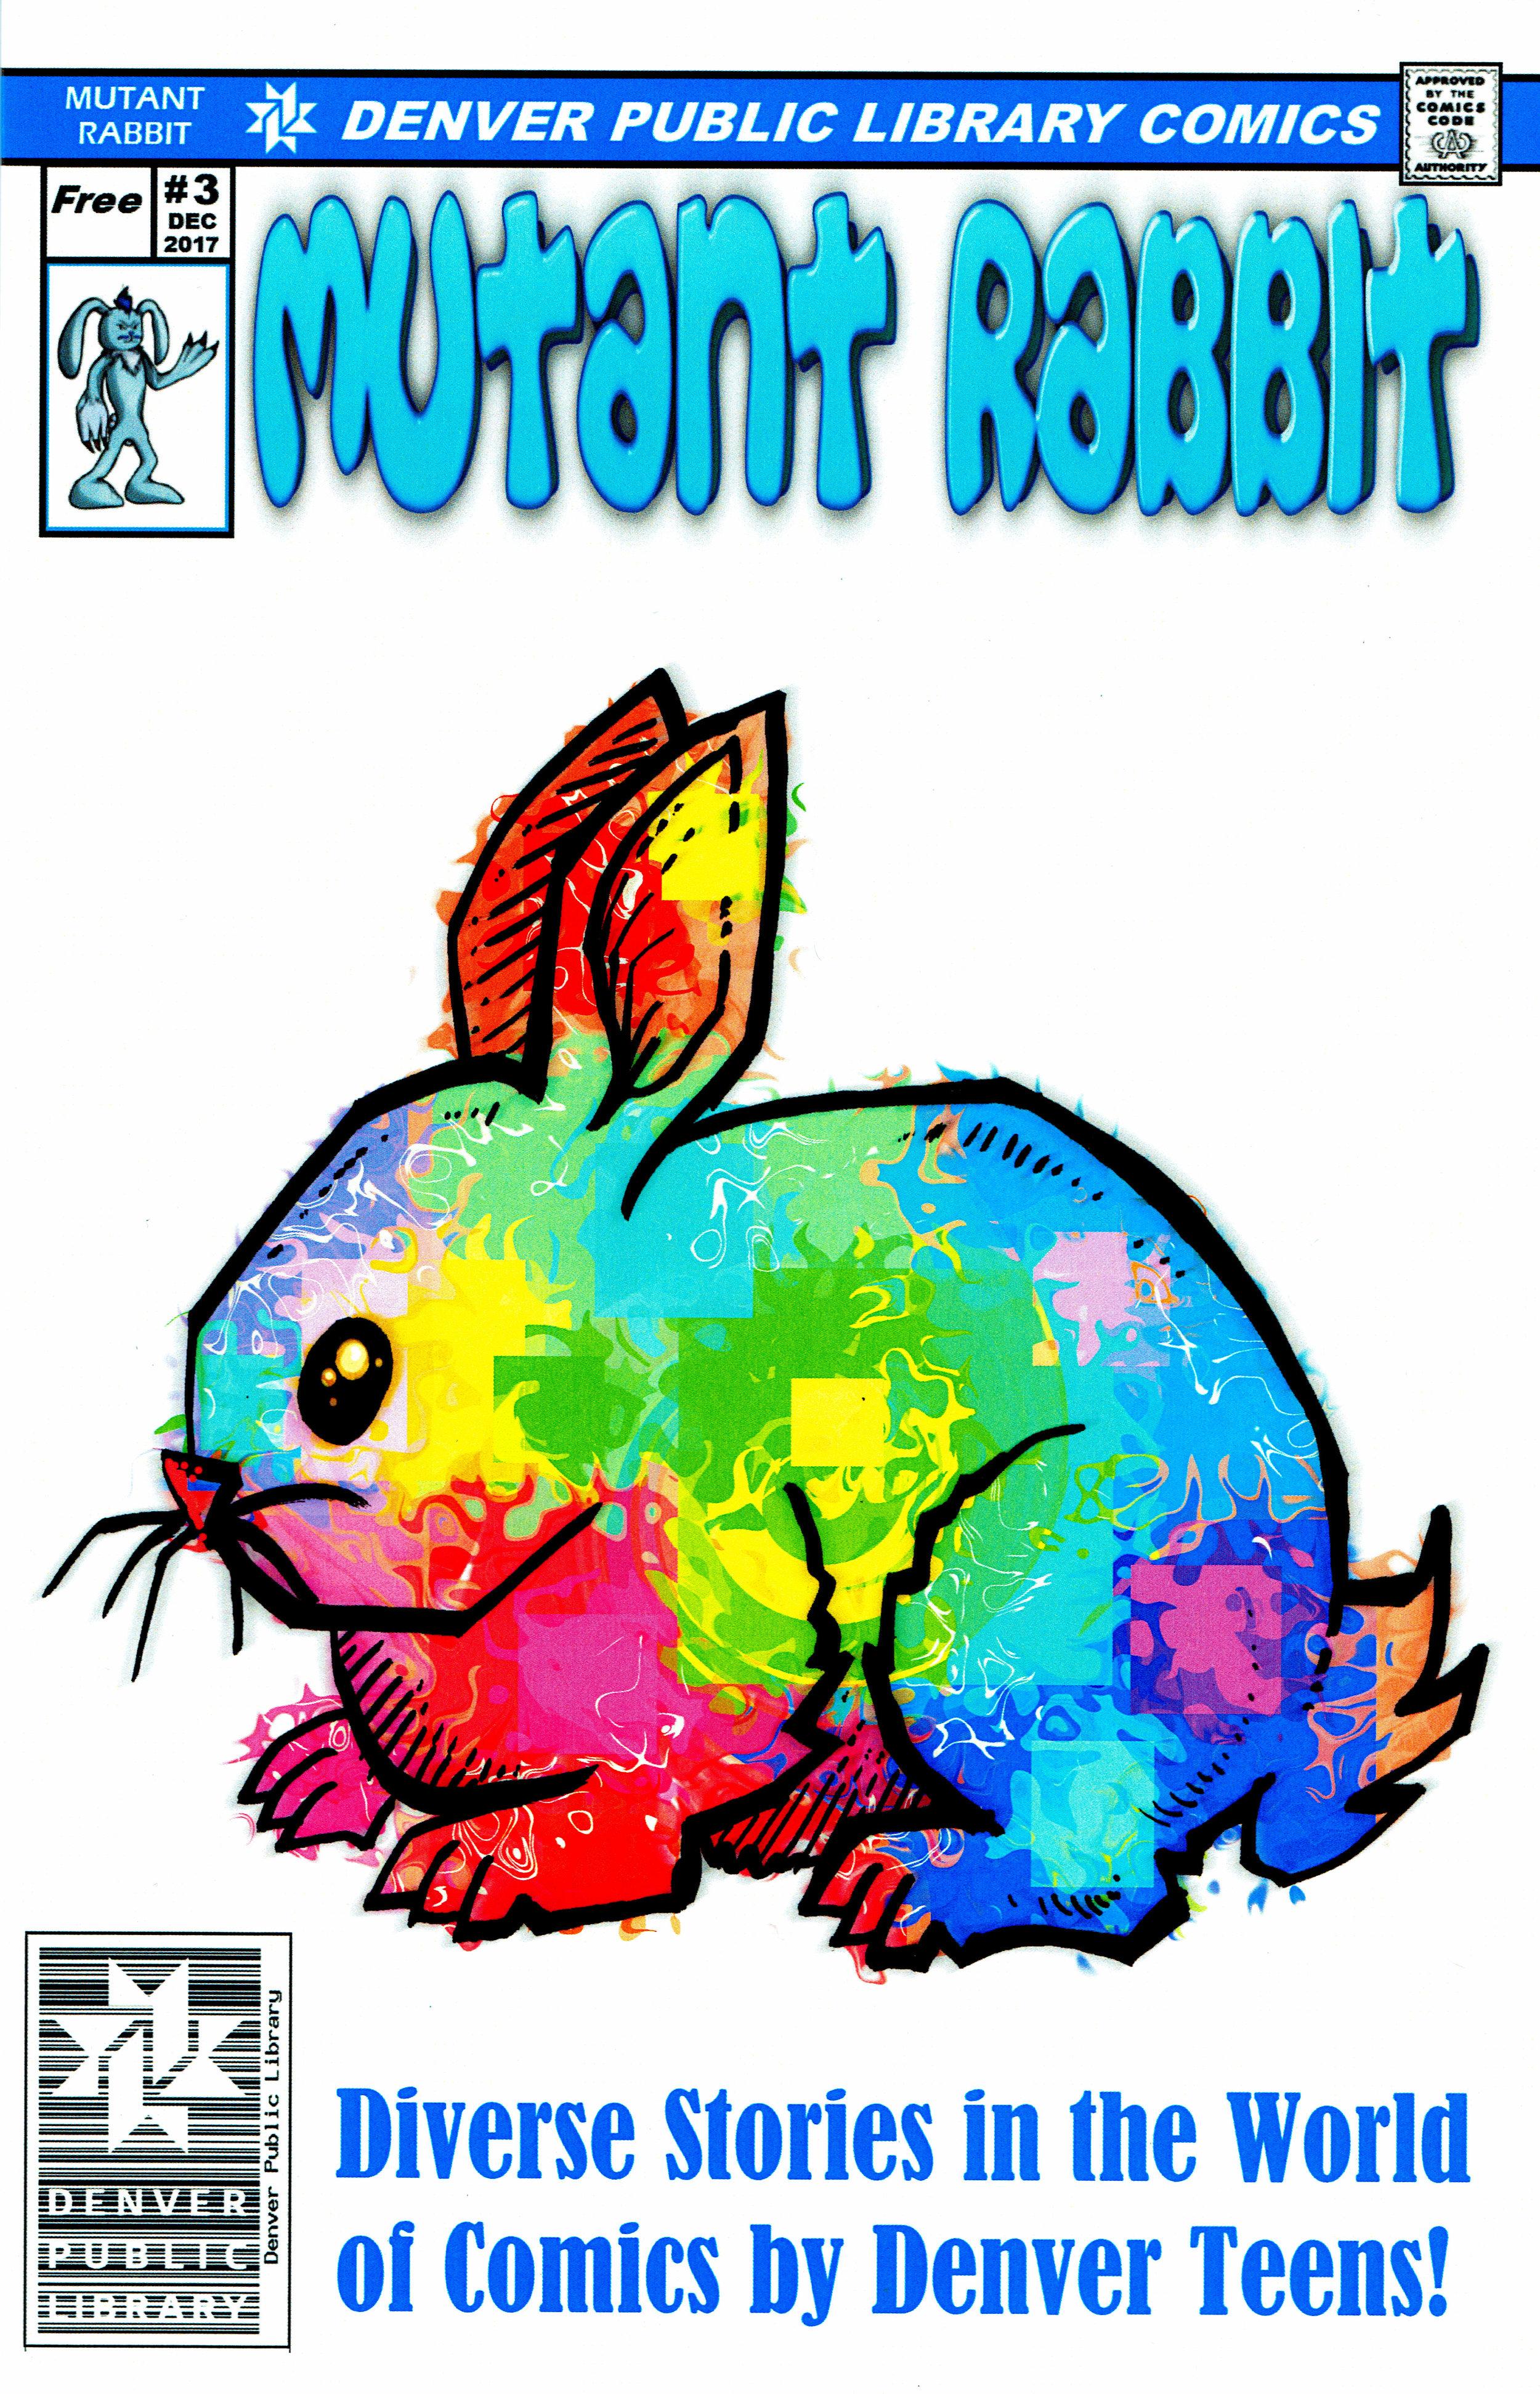 Mutant Rabbit 2017 Anthology